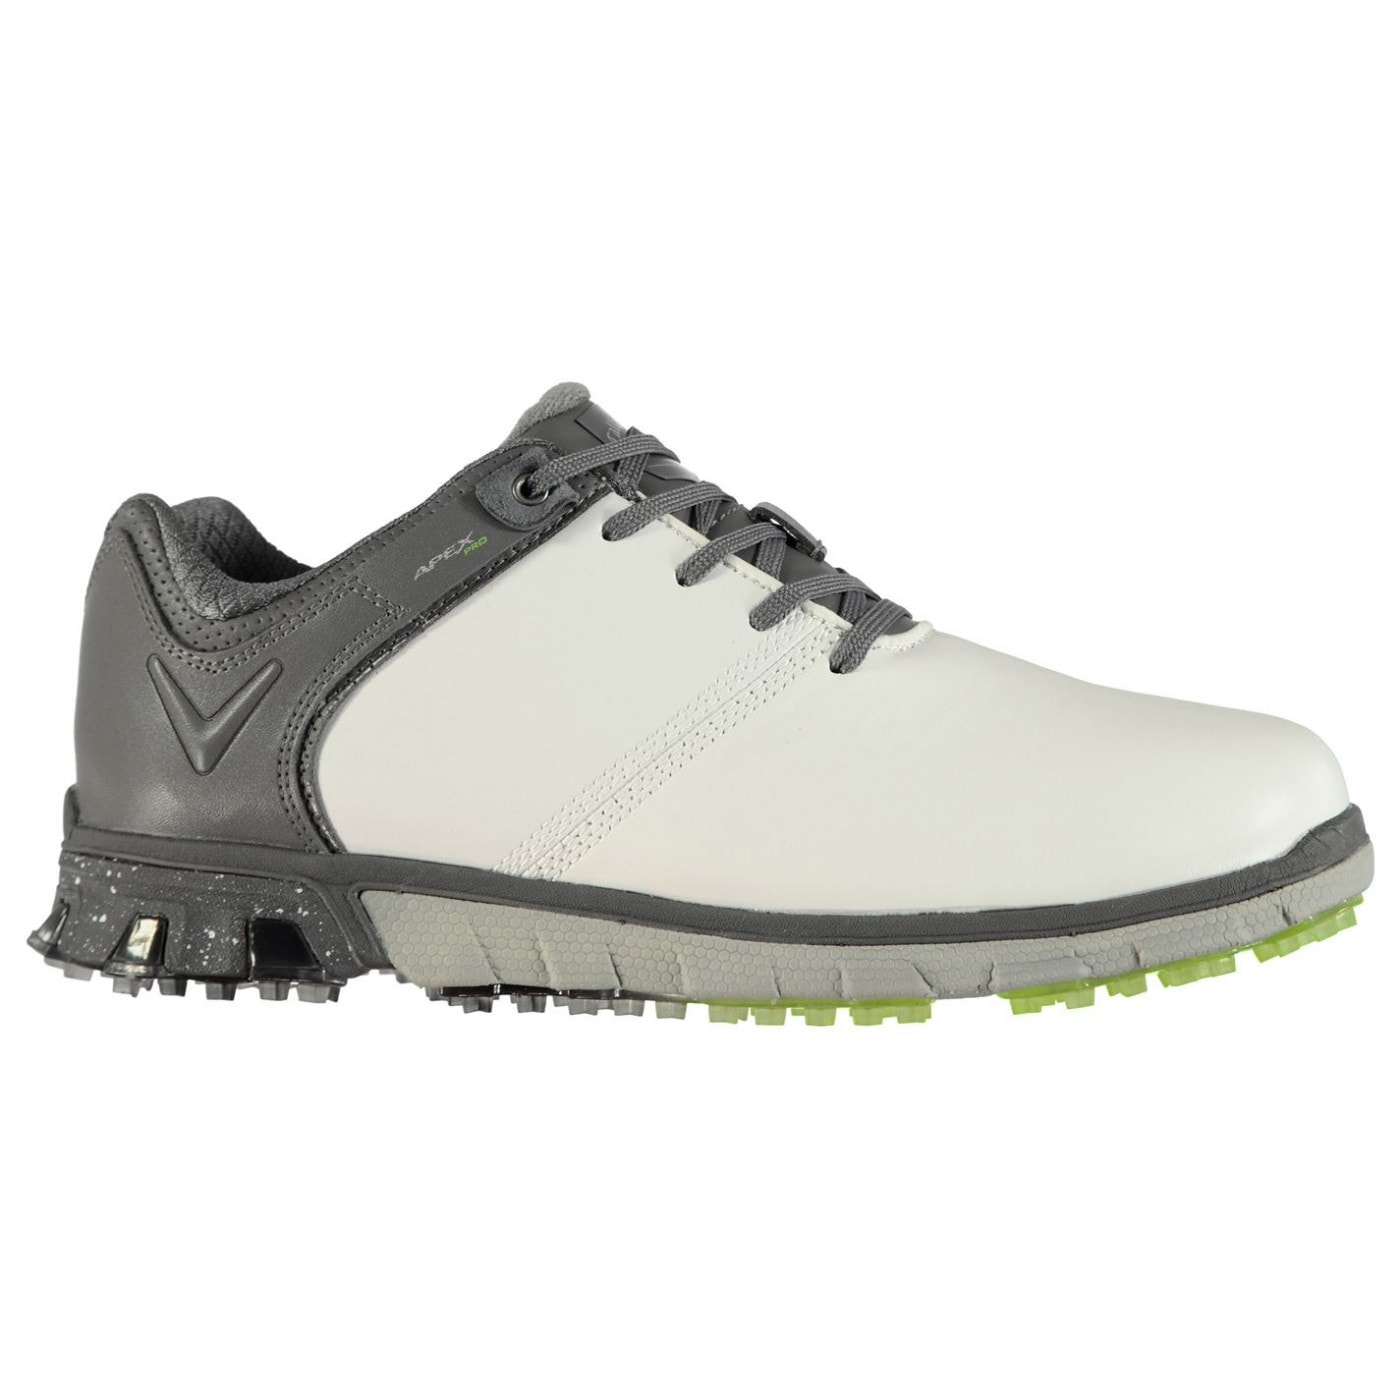 Callaway Apex Pro Golf Shoes Mens